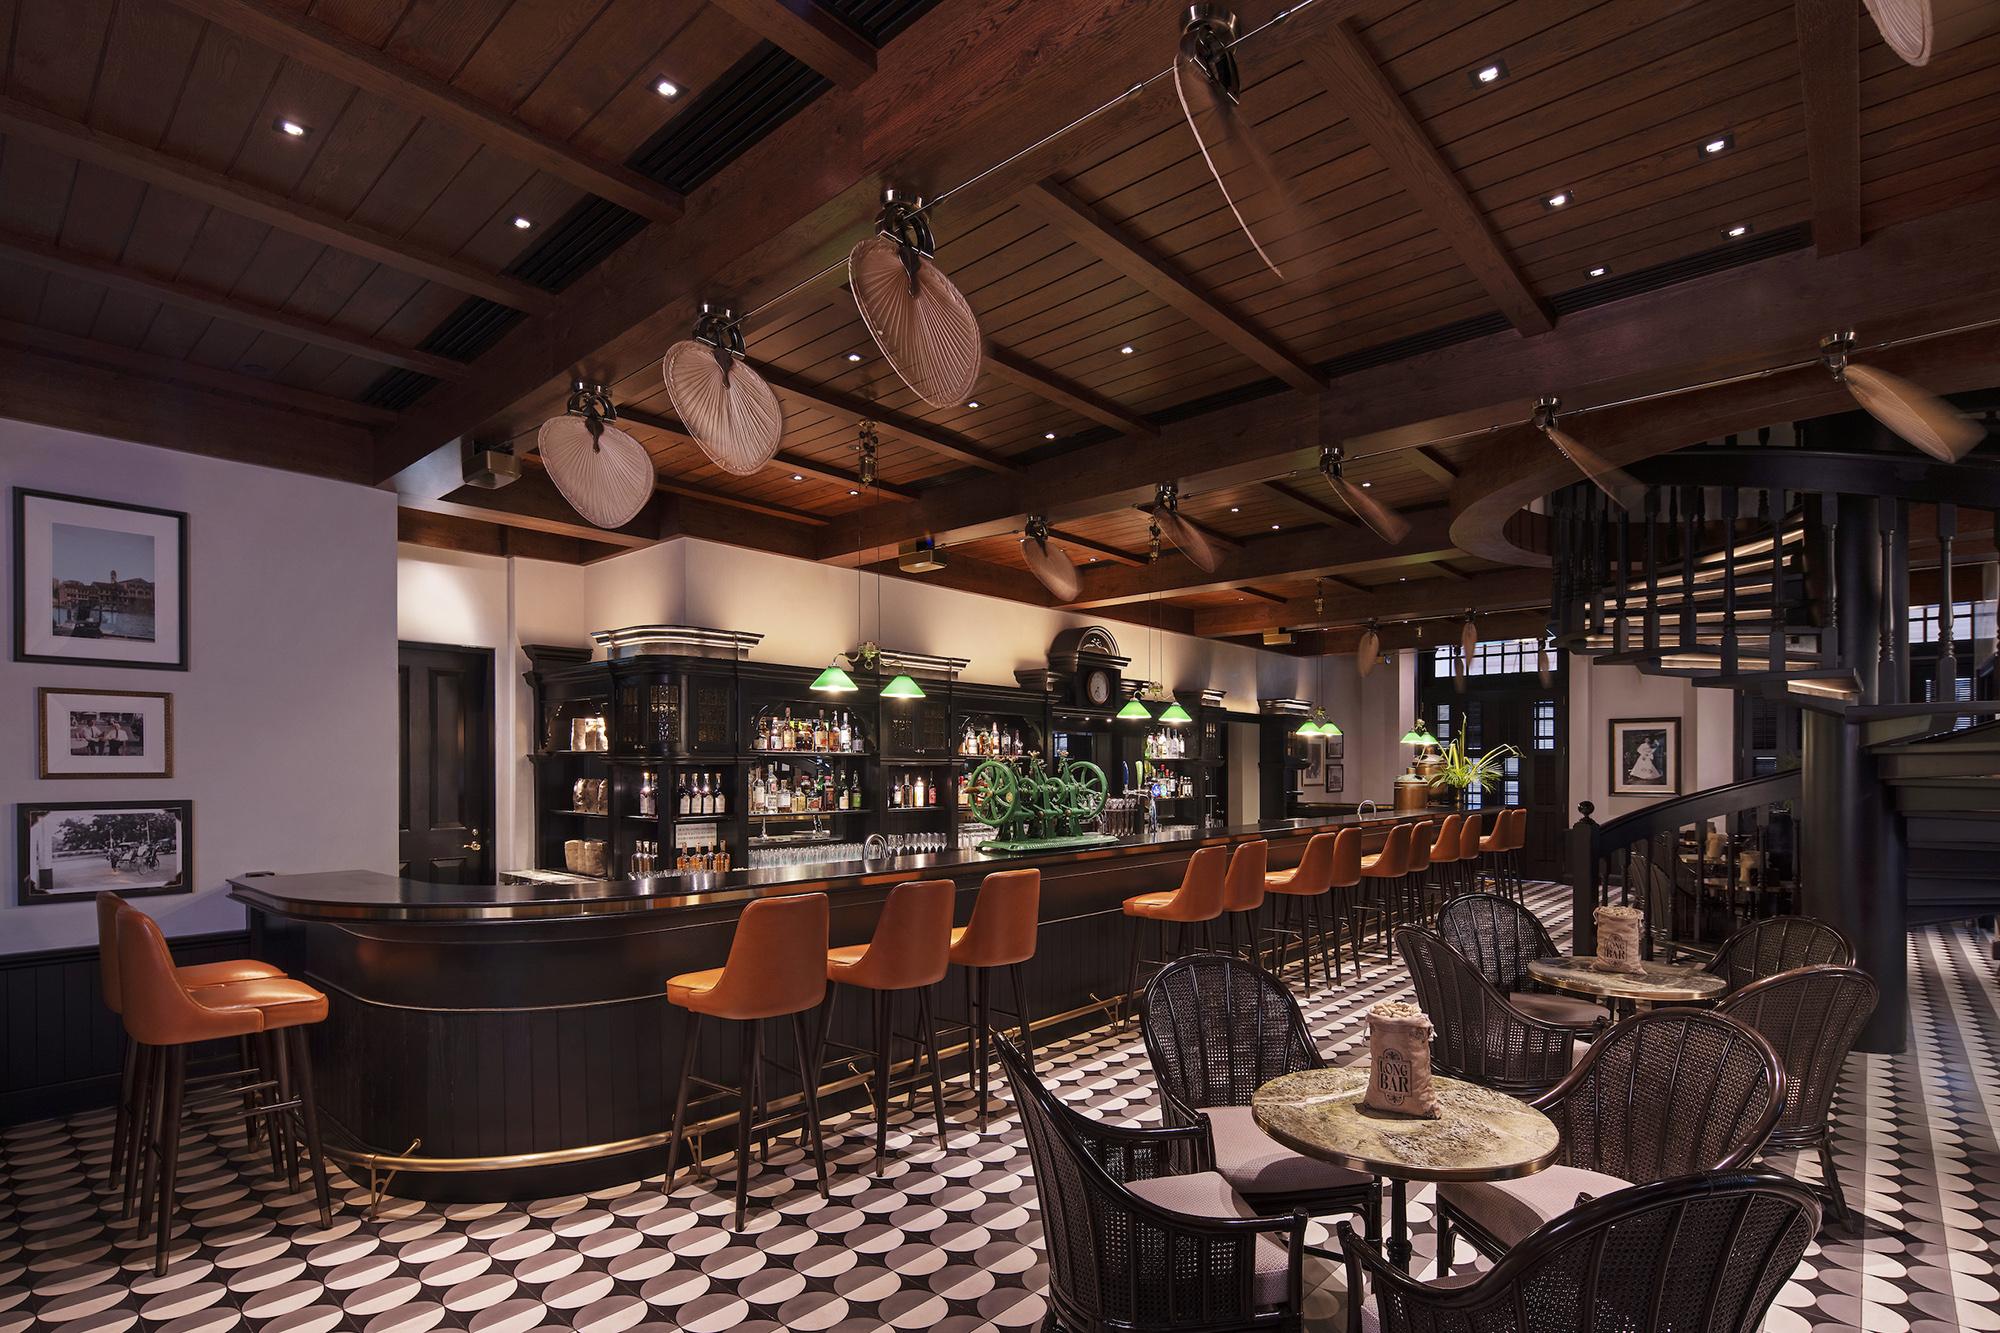 Long Bar Interior 2.jpg